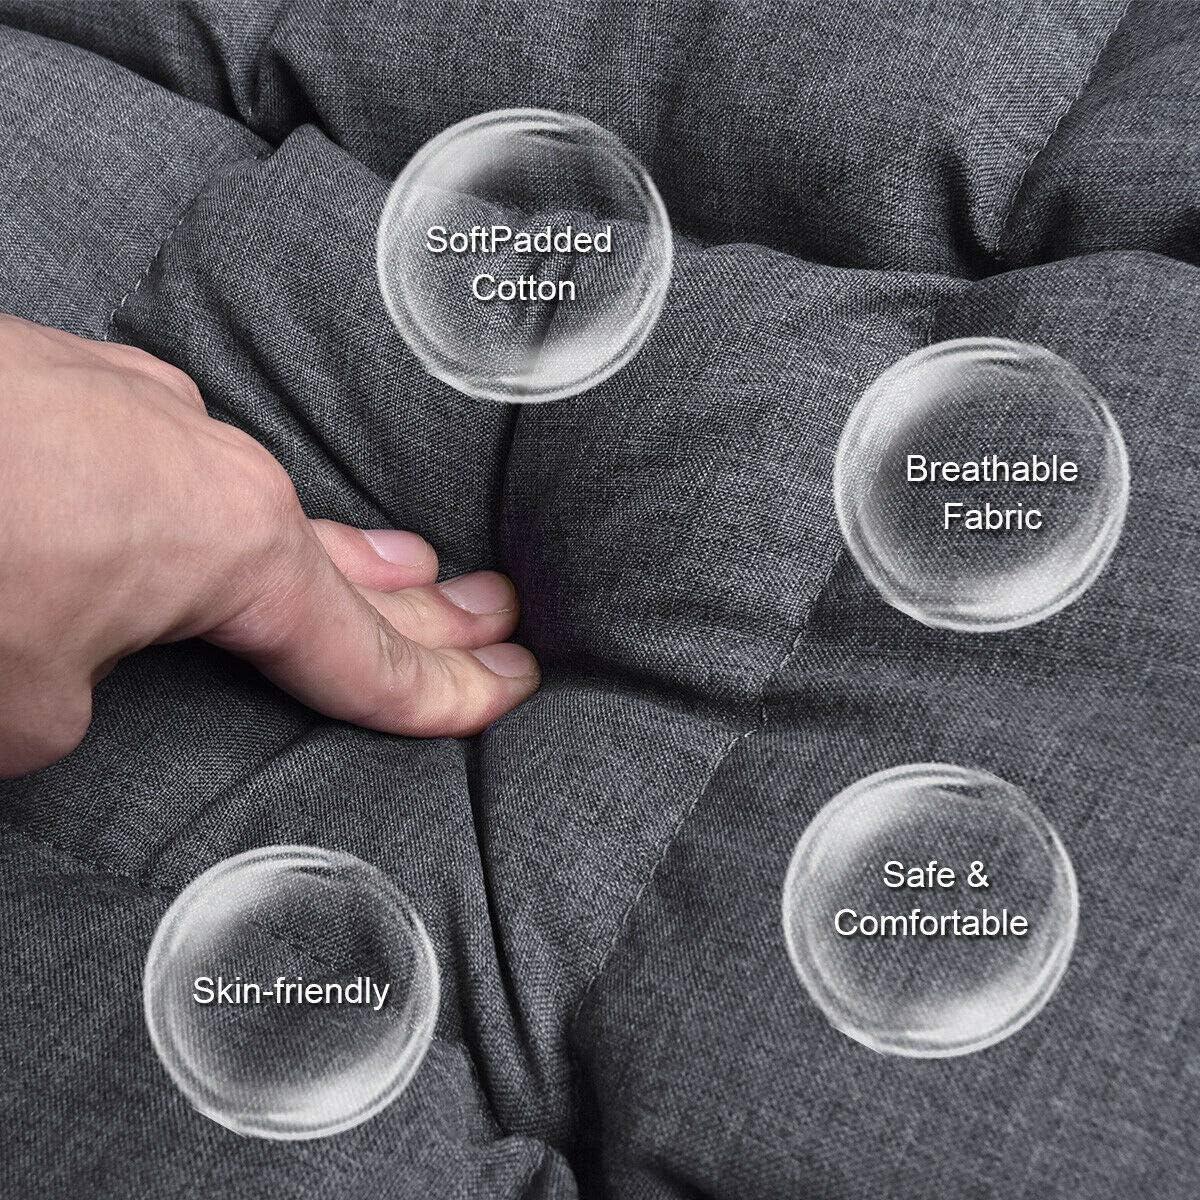 Acolchado Silla del Piso Suelo Silla del Sofá,Ajustable En 5 Posiciones Sillas De Suelo Sofá Cama,meditación Juego De Respaldo Silla Sin Patas Apoyo-b Q 8qPY7Q